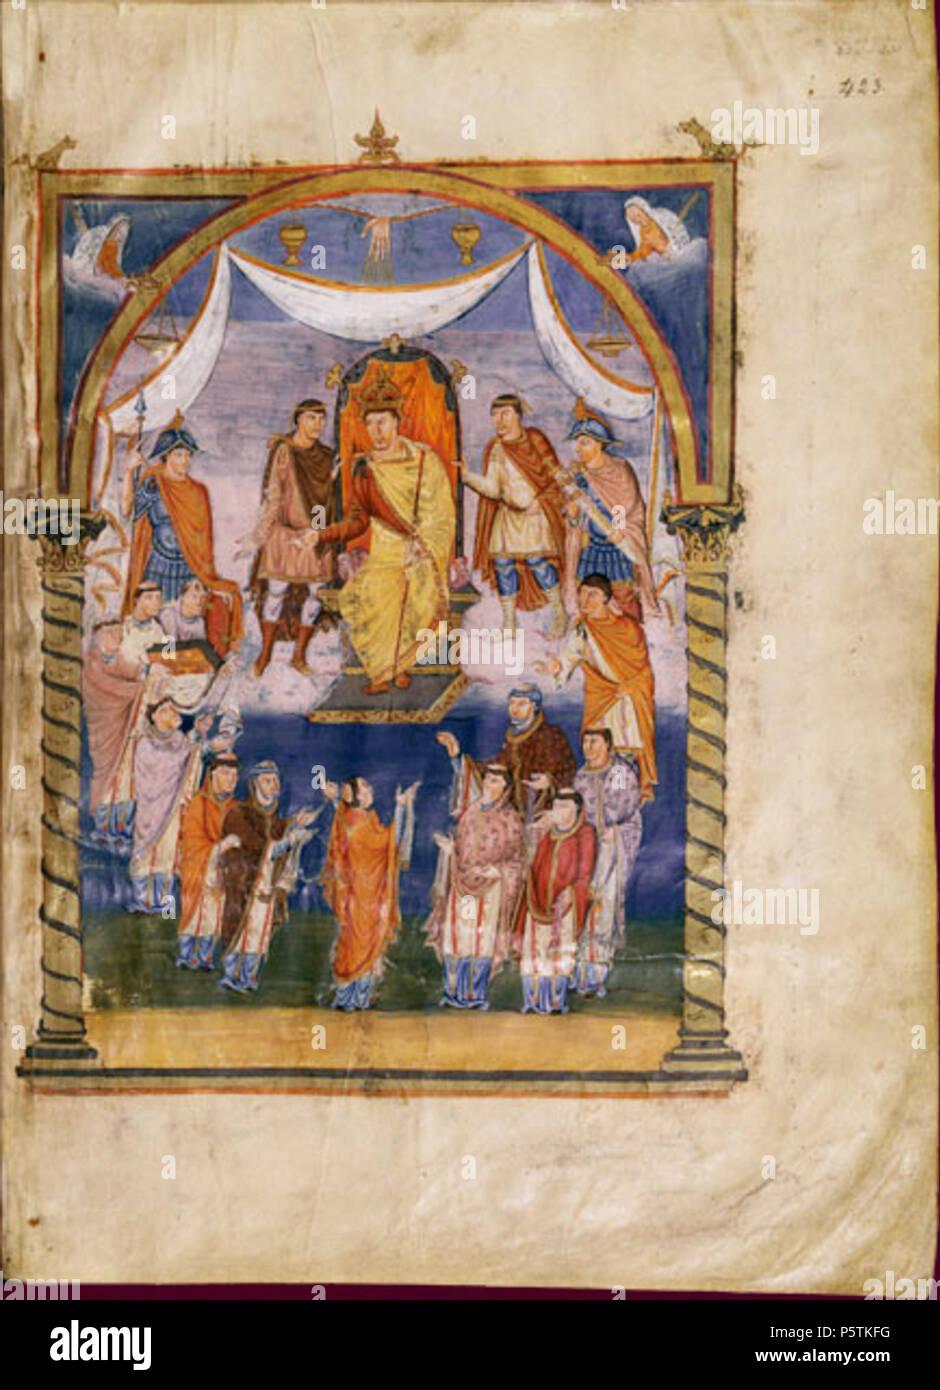 N/A. Français: Charles le Chauve . 845. Saint-Martin de Tours 329 Charles the Bald - Stock Image